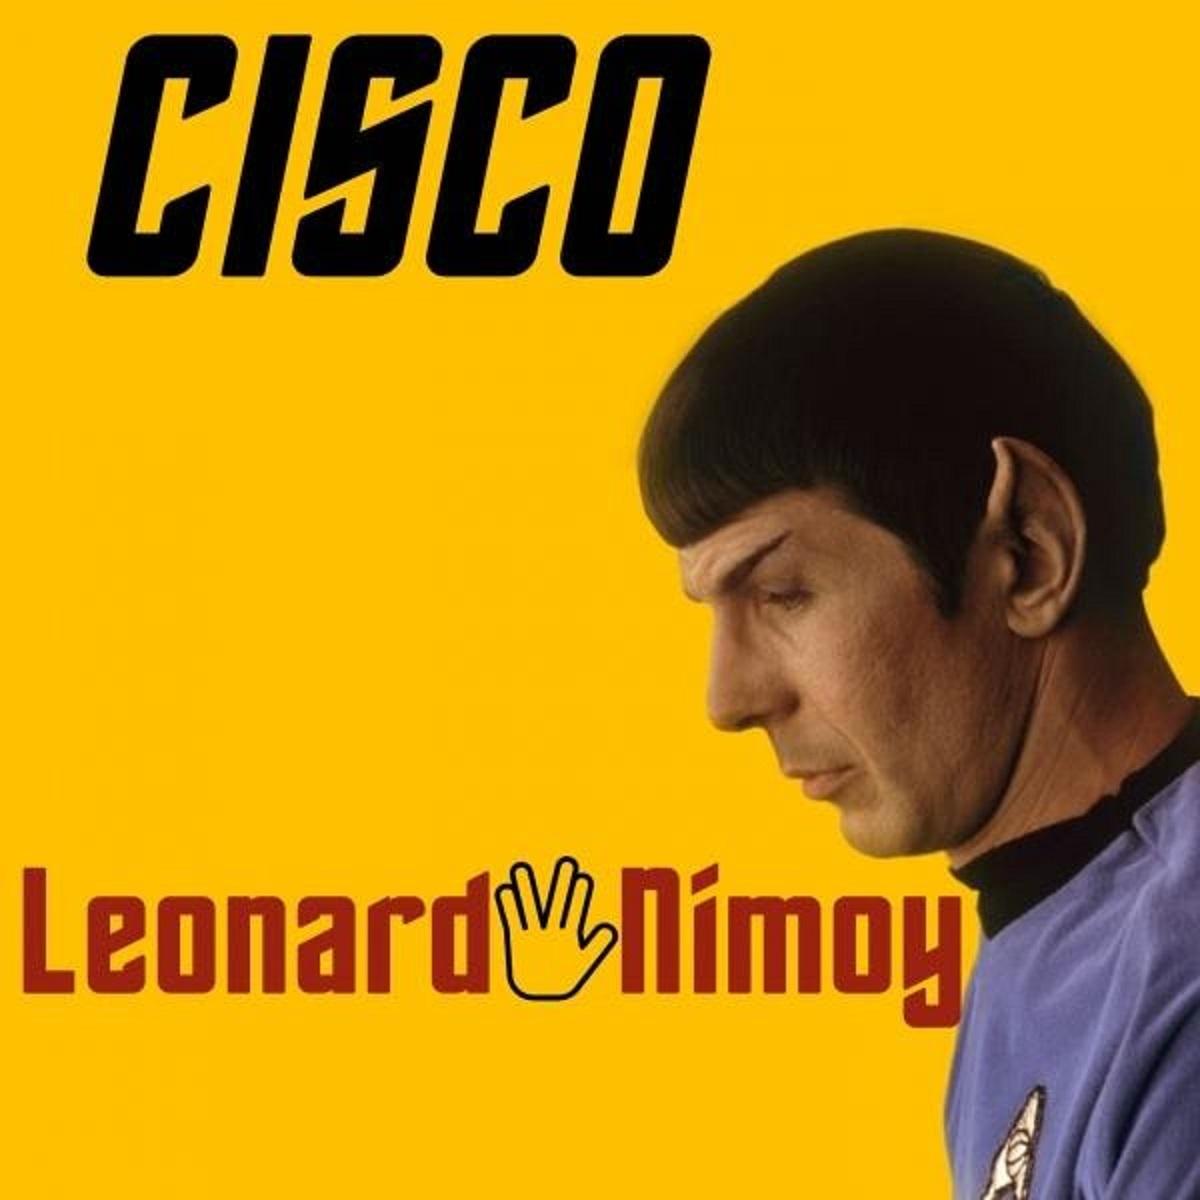 Cisco Leonard Nimoy parla alle nuove generazioni foto